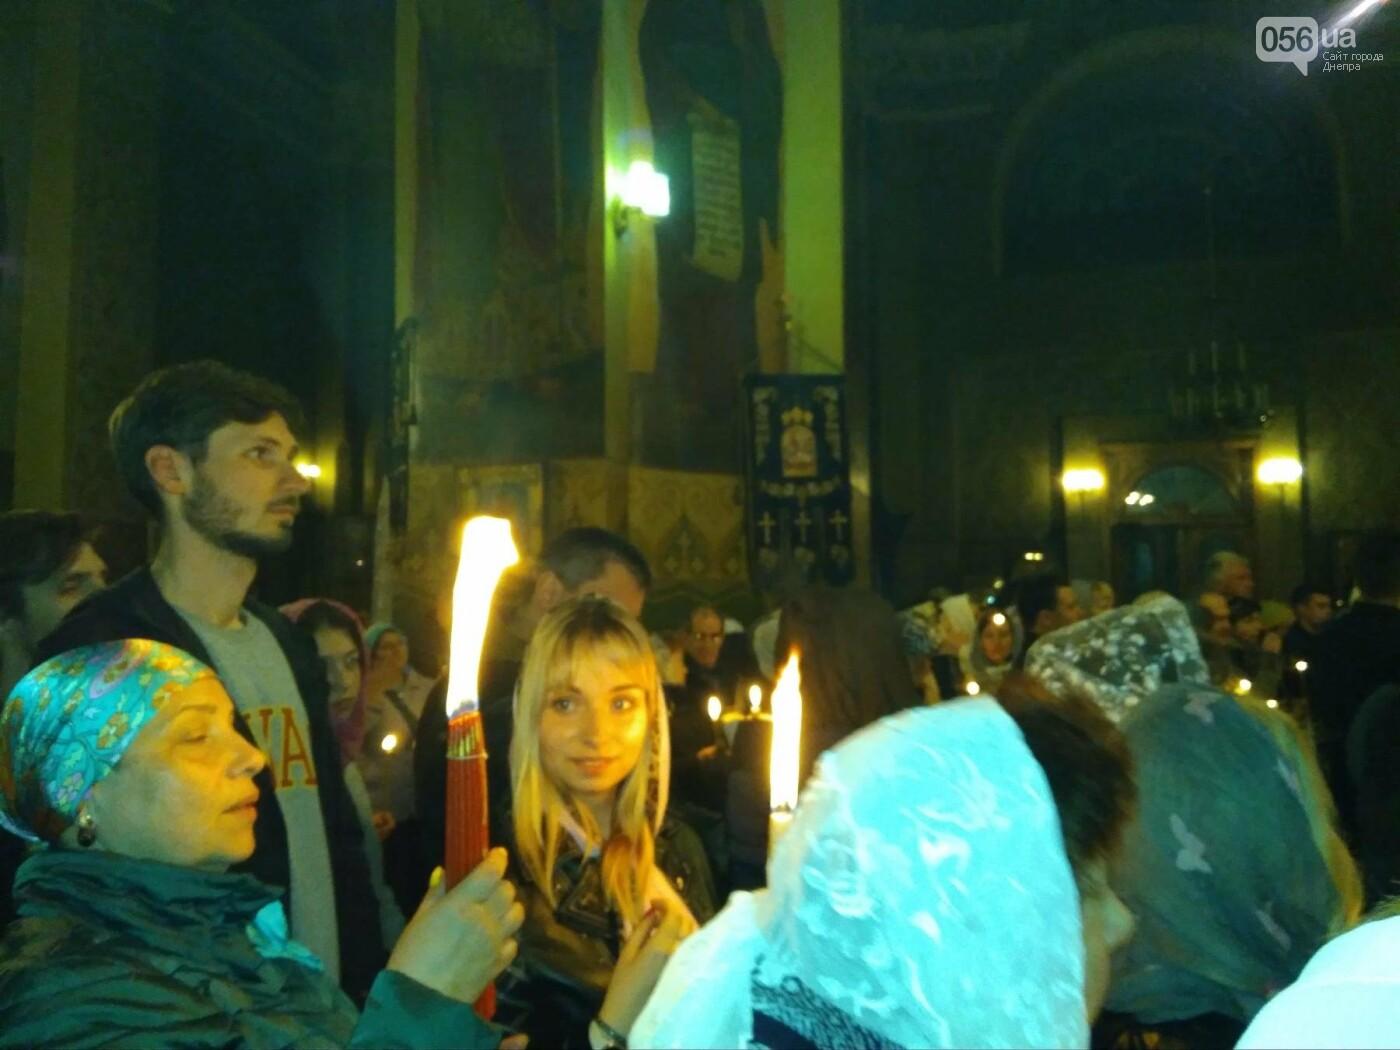 Пасха в Днепре: как встретили Воскресение Христа в главном кафедральном соборе (ФОТОРЕПОРТАЖ), фото-4